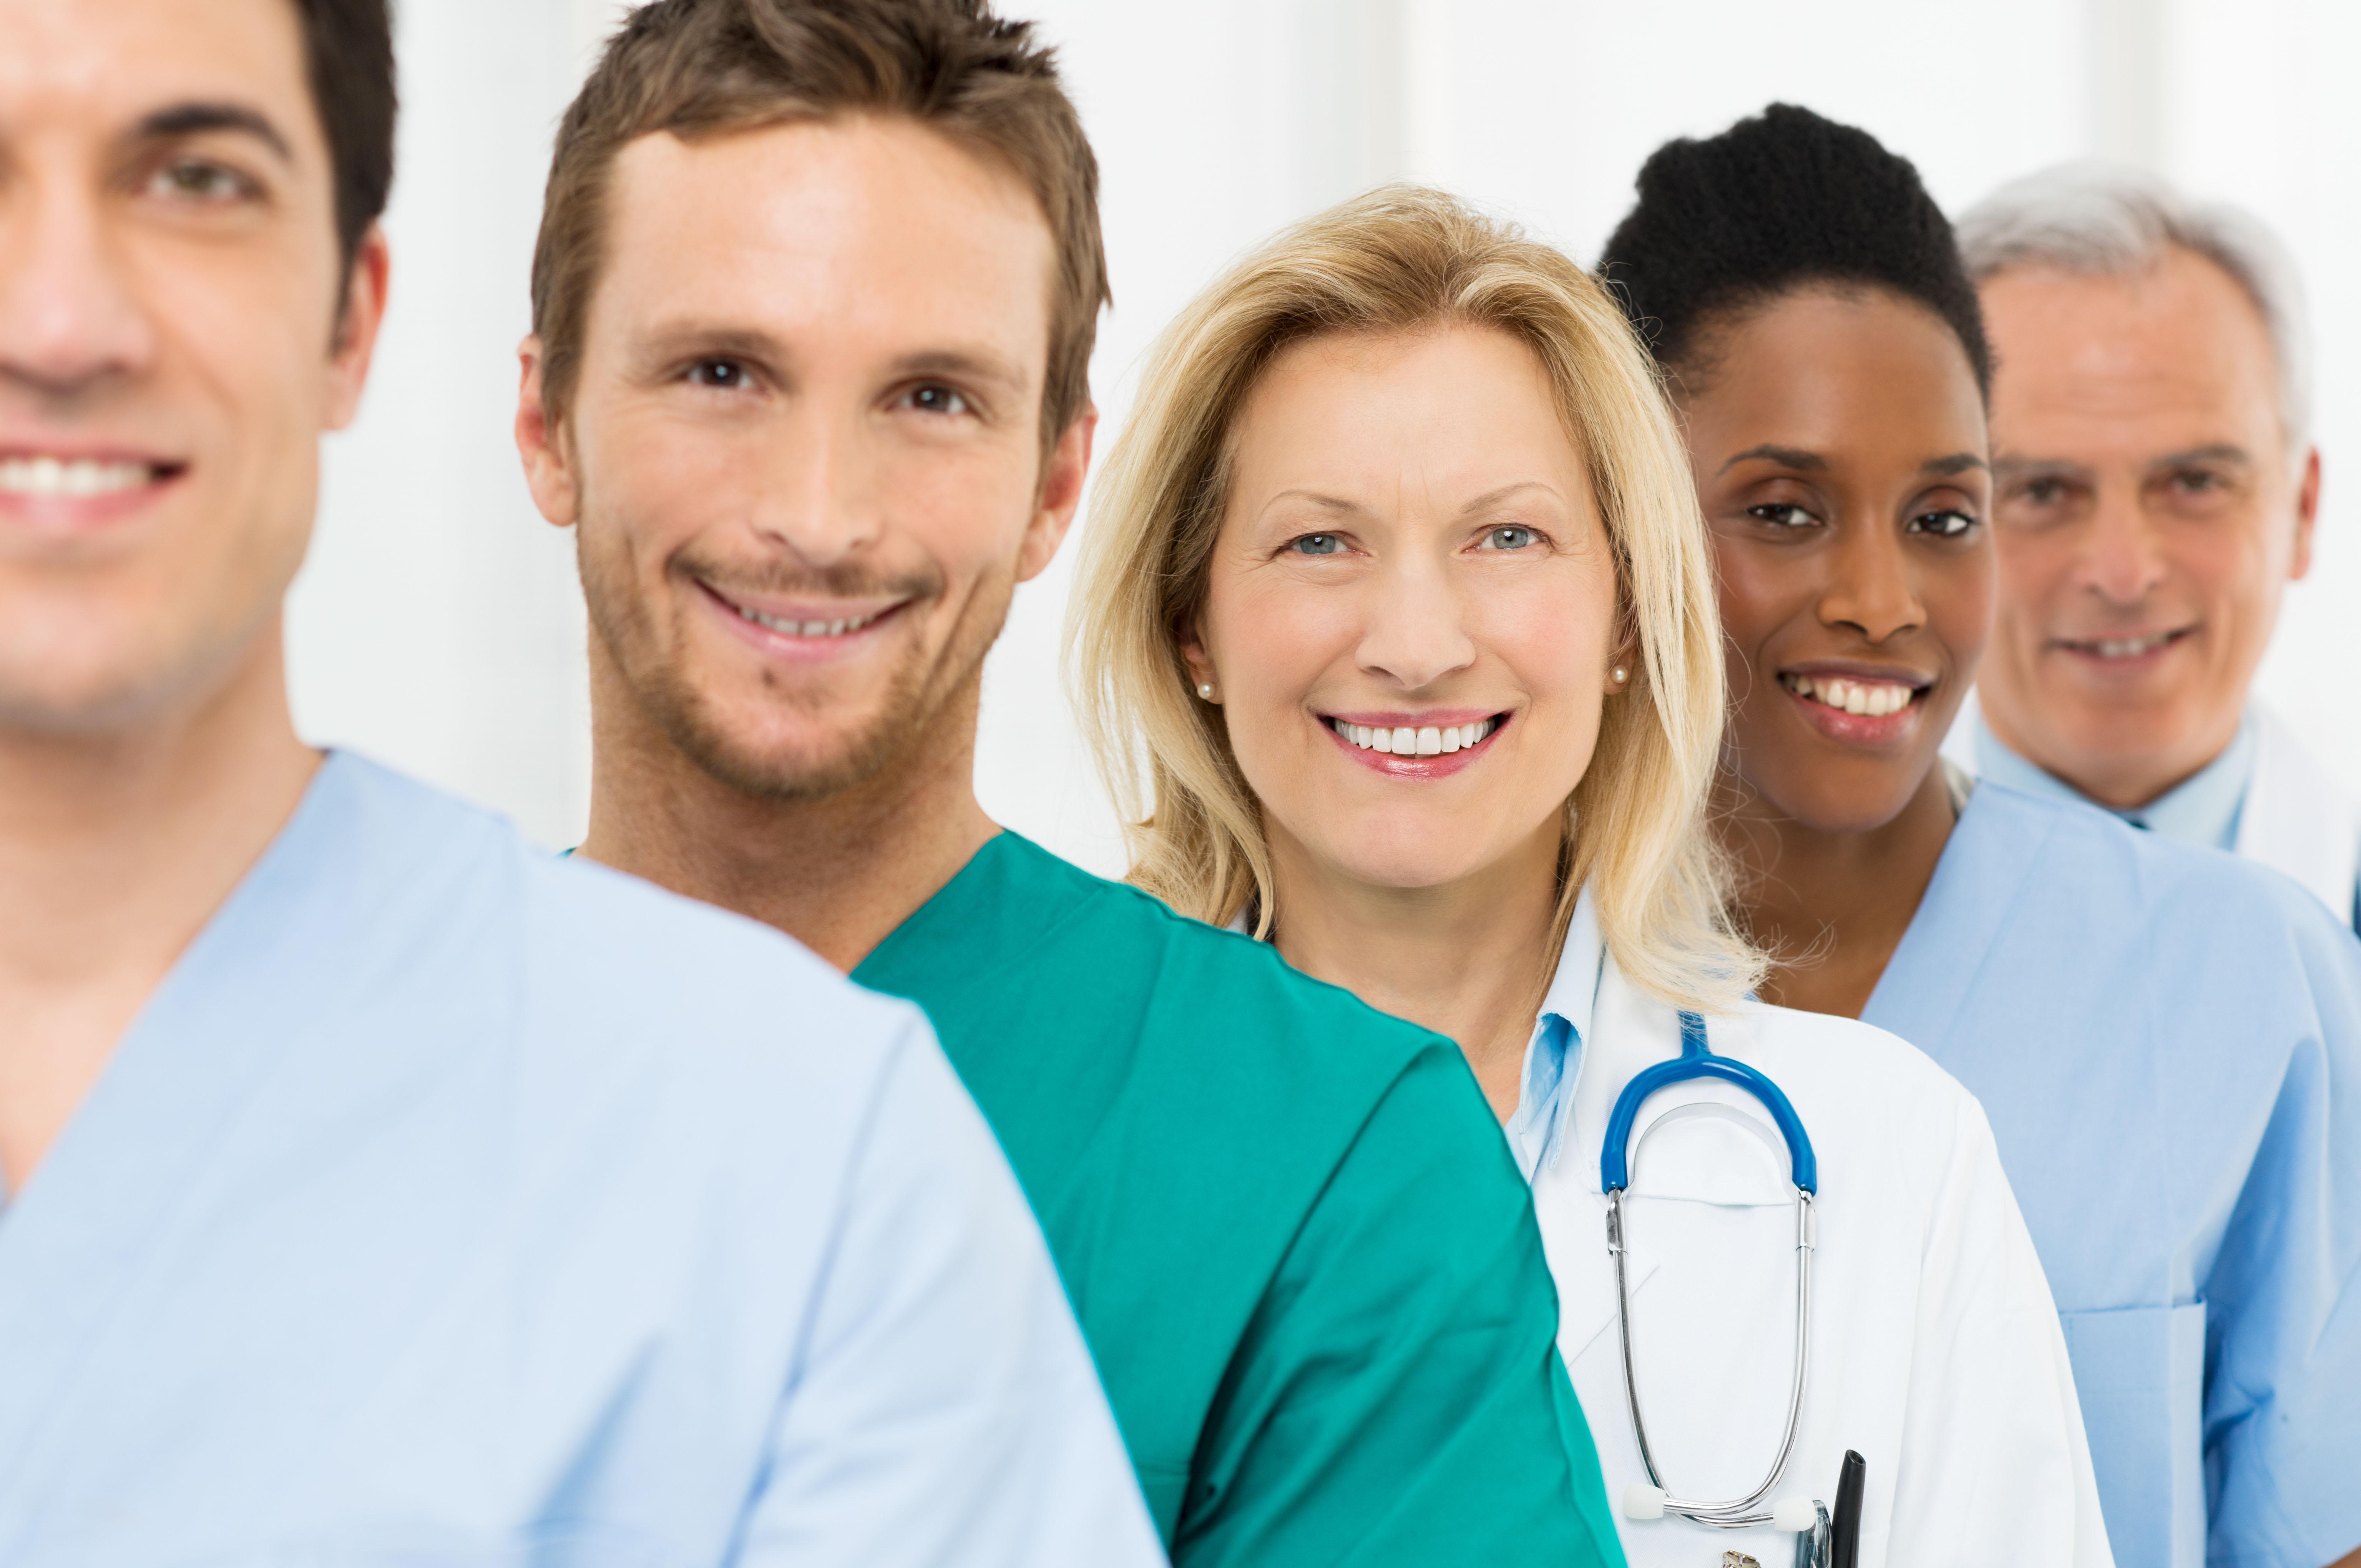 grupo de medicos e enfermeiros